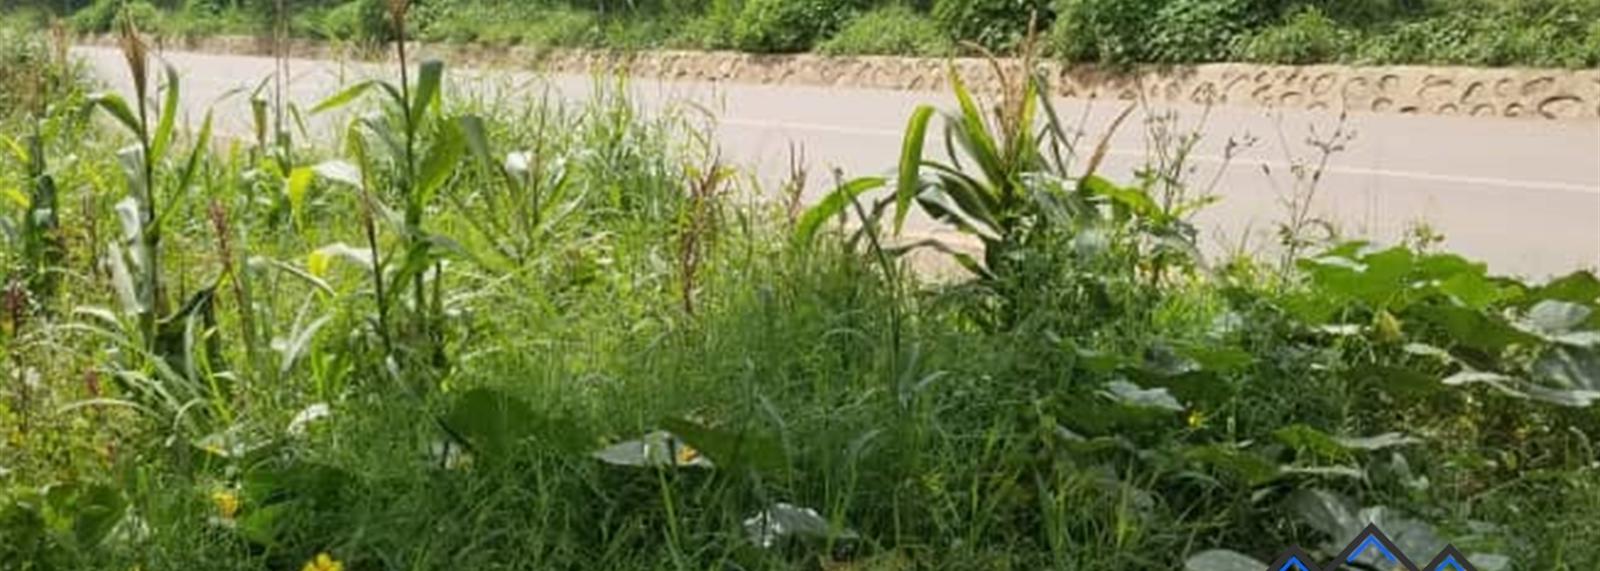 Kyambogo